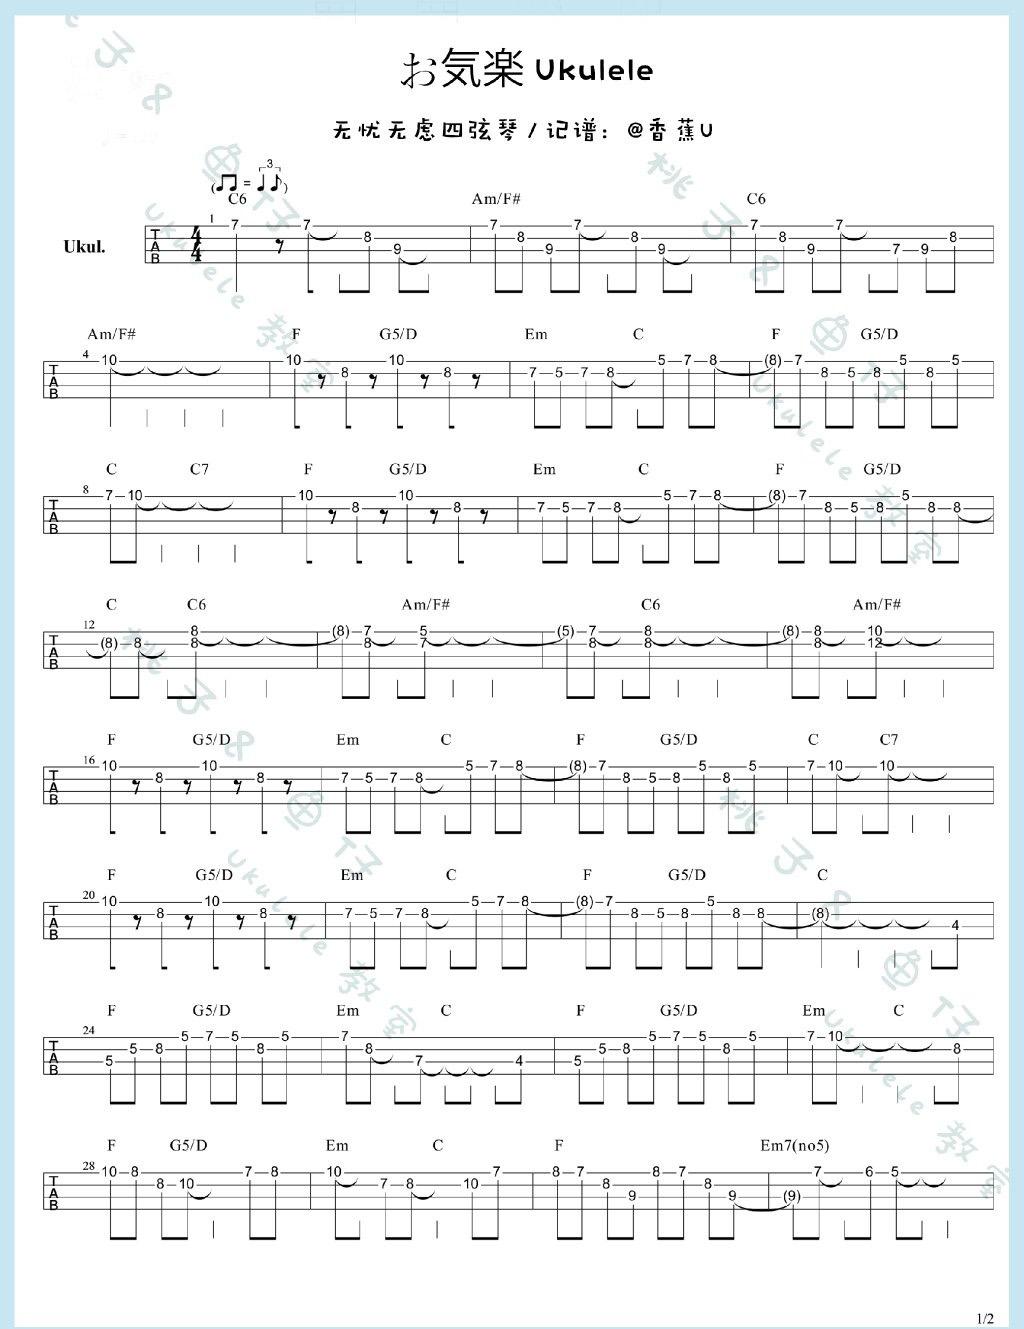 《お気楽 ukulele》指弹谱子